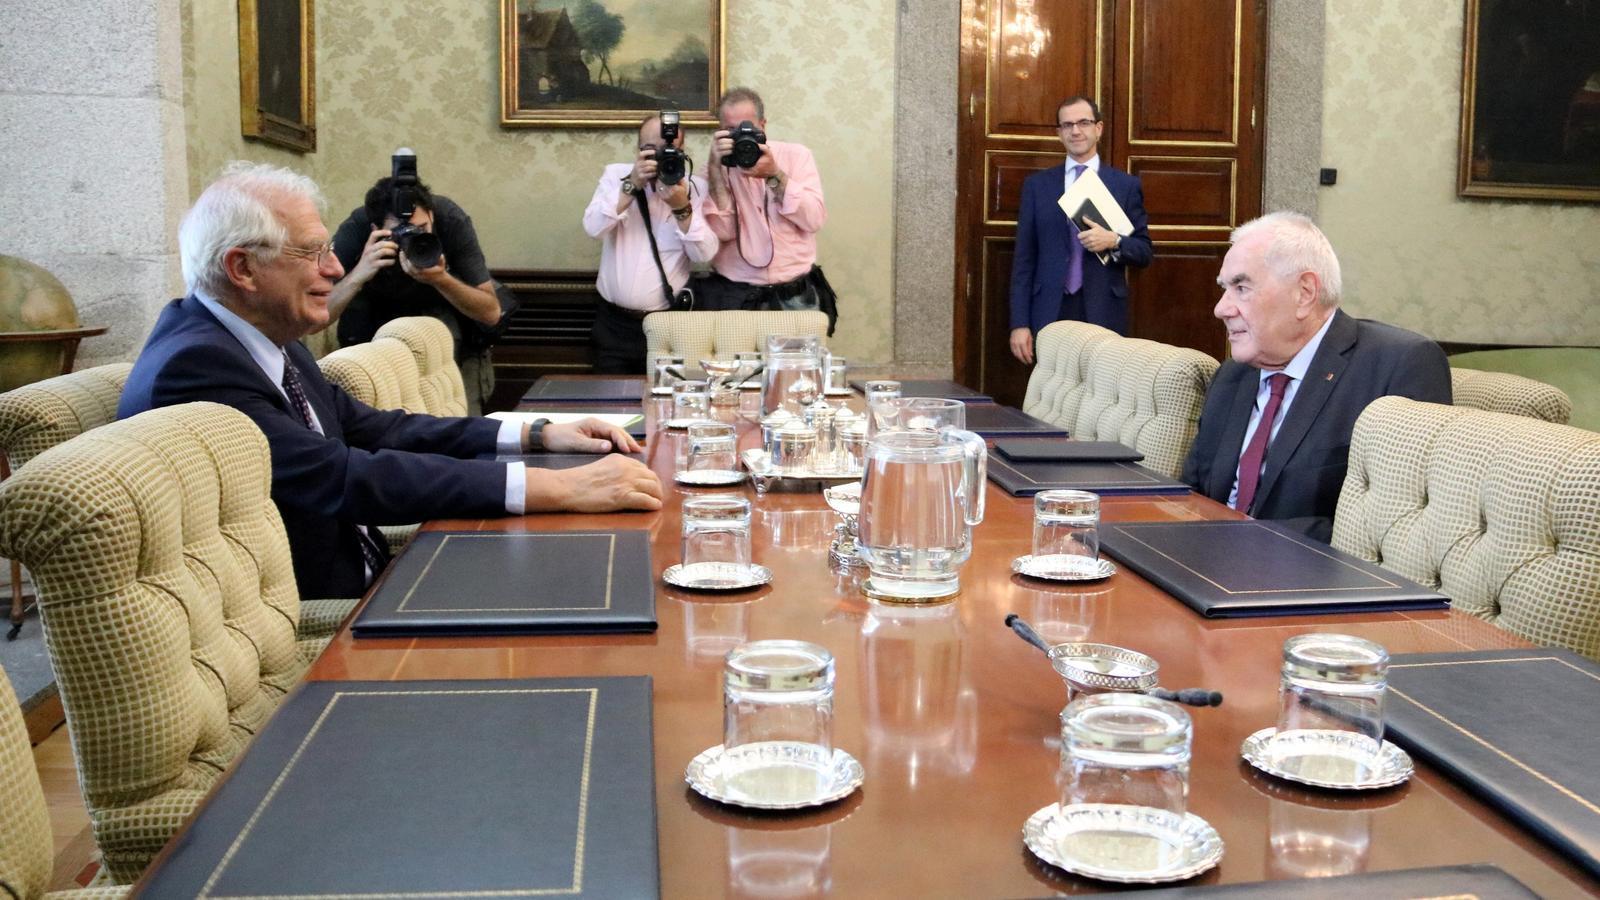 Primera Borrell Ernest Maragall Madrid 2056604494 55549021 651x366 - Fil de Ramir De Porrata-Doria. 20/10/18. PSOE i PSC, pressupostos de l'Estat